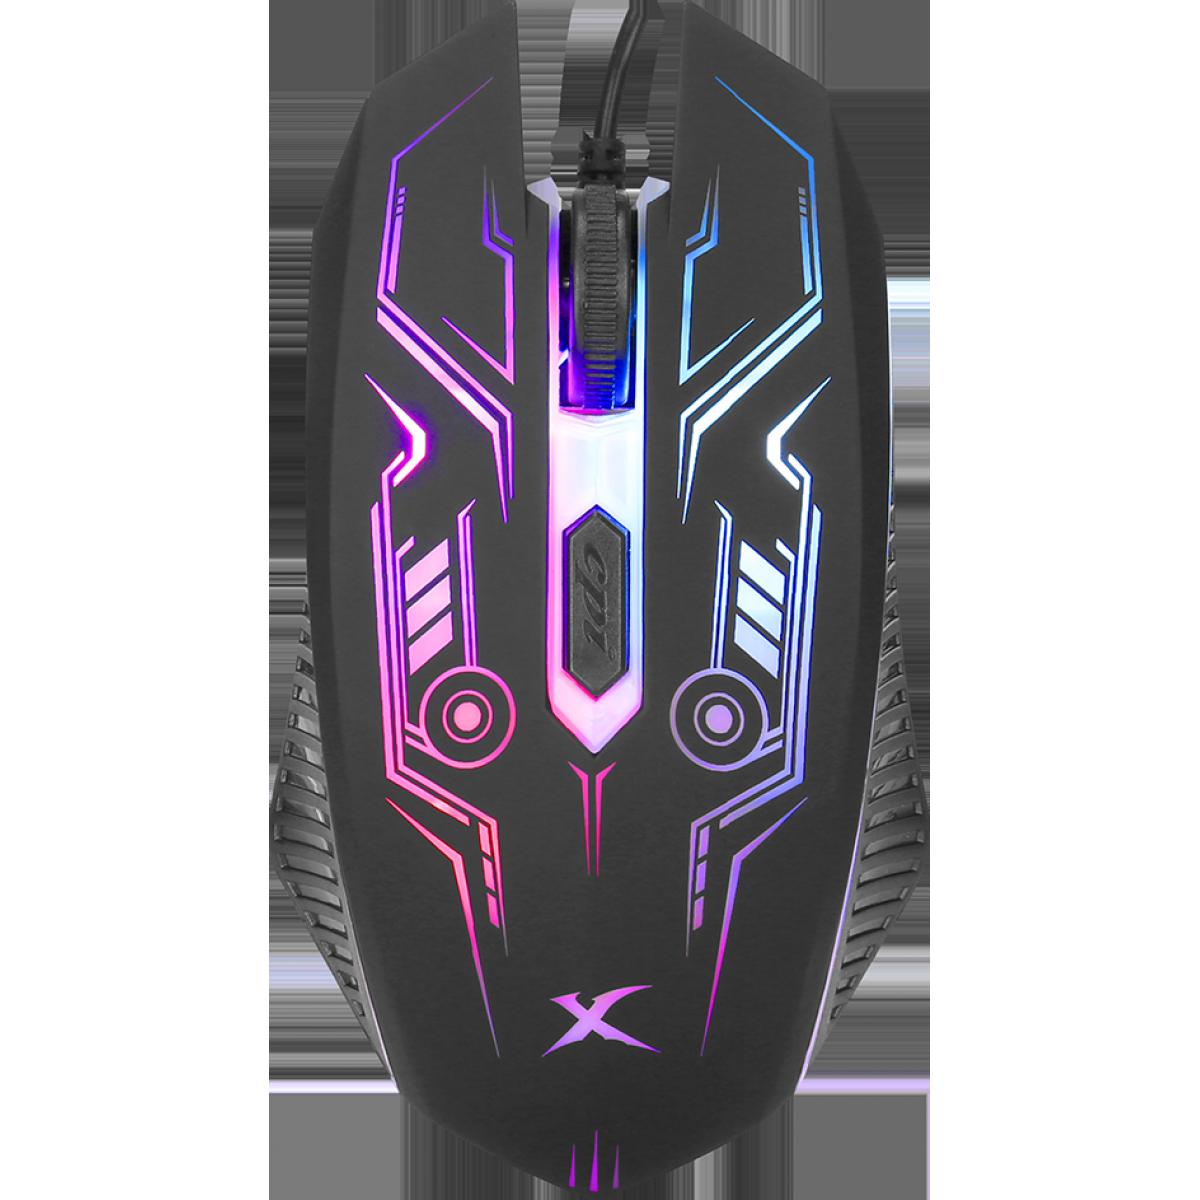 Combo Gamer Xtrike-Me CM-406, Teclado, Mouse Headset e Mousepad